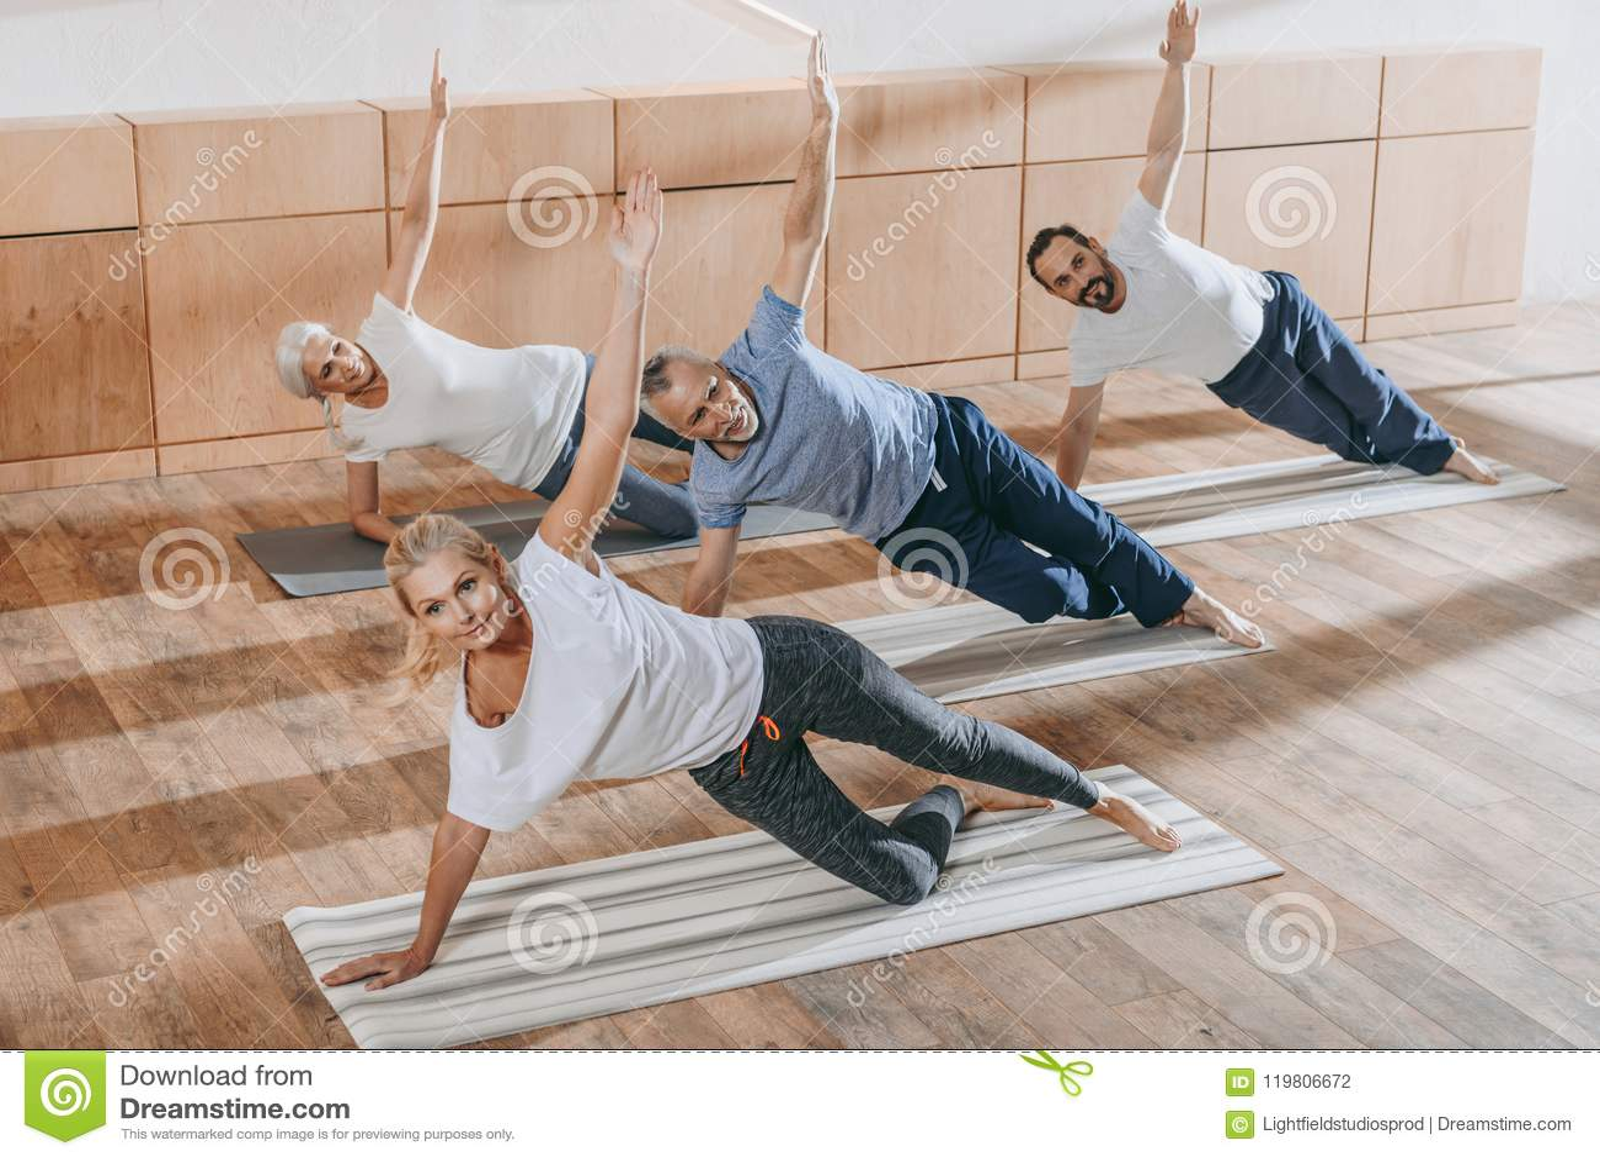 Hög grupp människor med instruktören som övar på yogamats